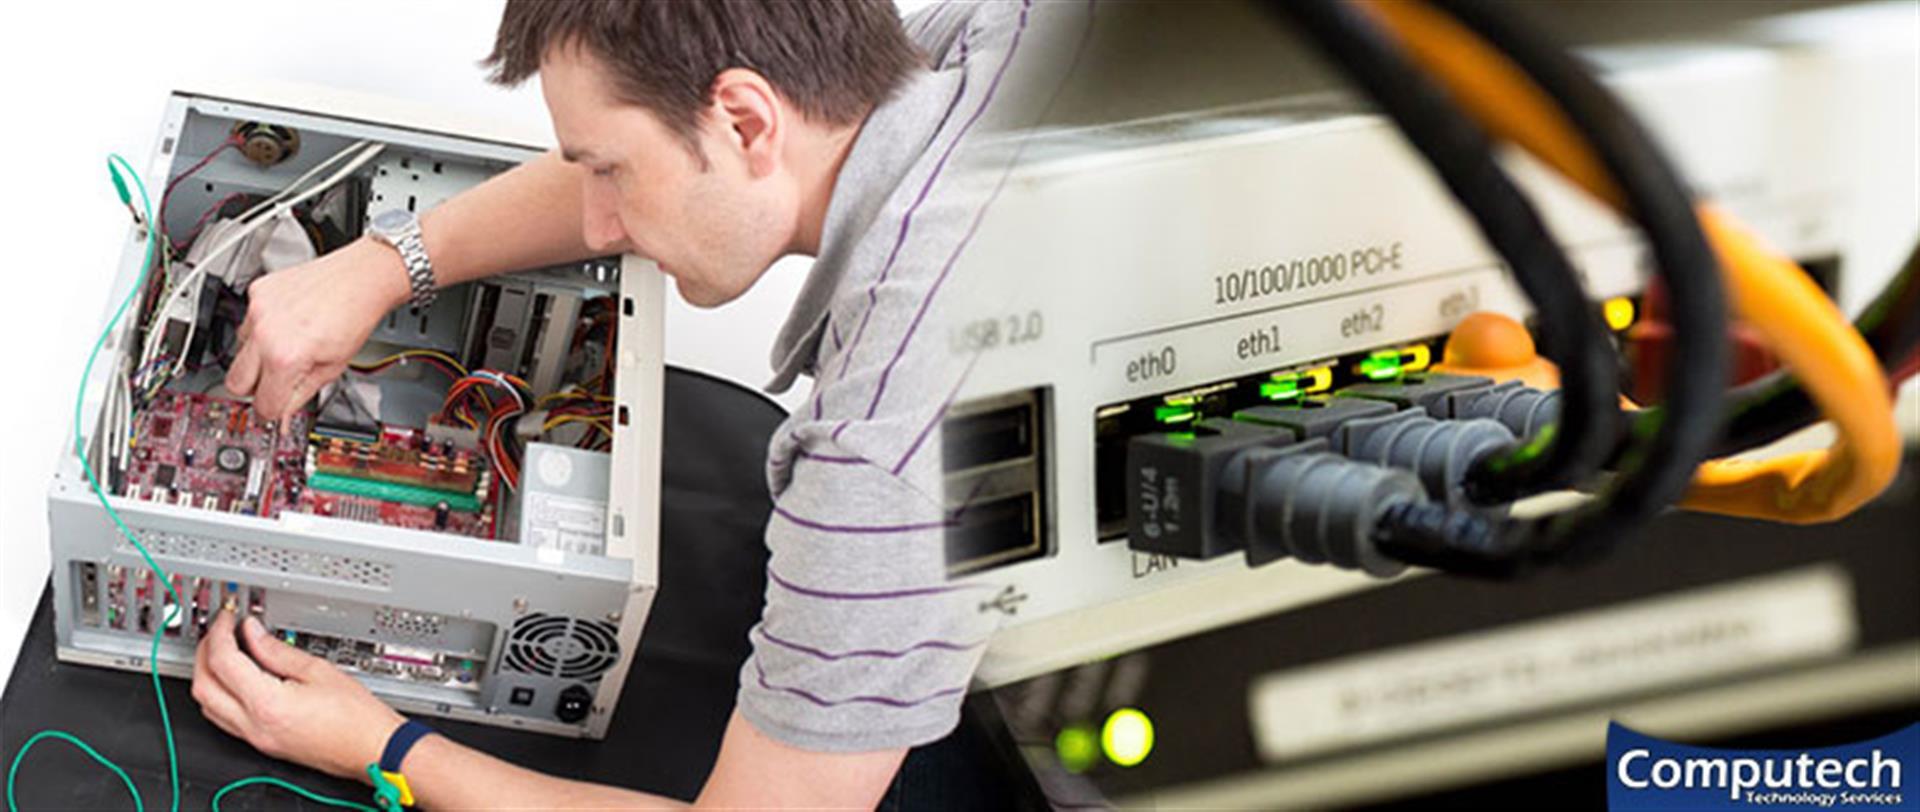 Buckeye Arizona On Site Computer PC & Printer Repairs, Network, Telecom Voice and Broadband Data Wiring Solutions